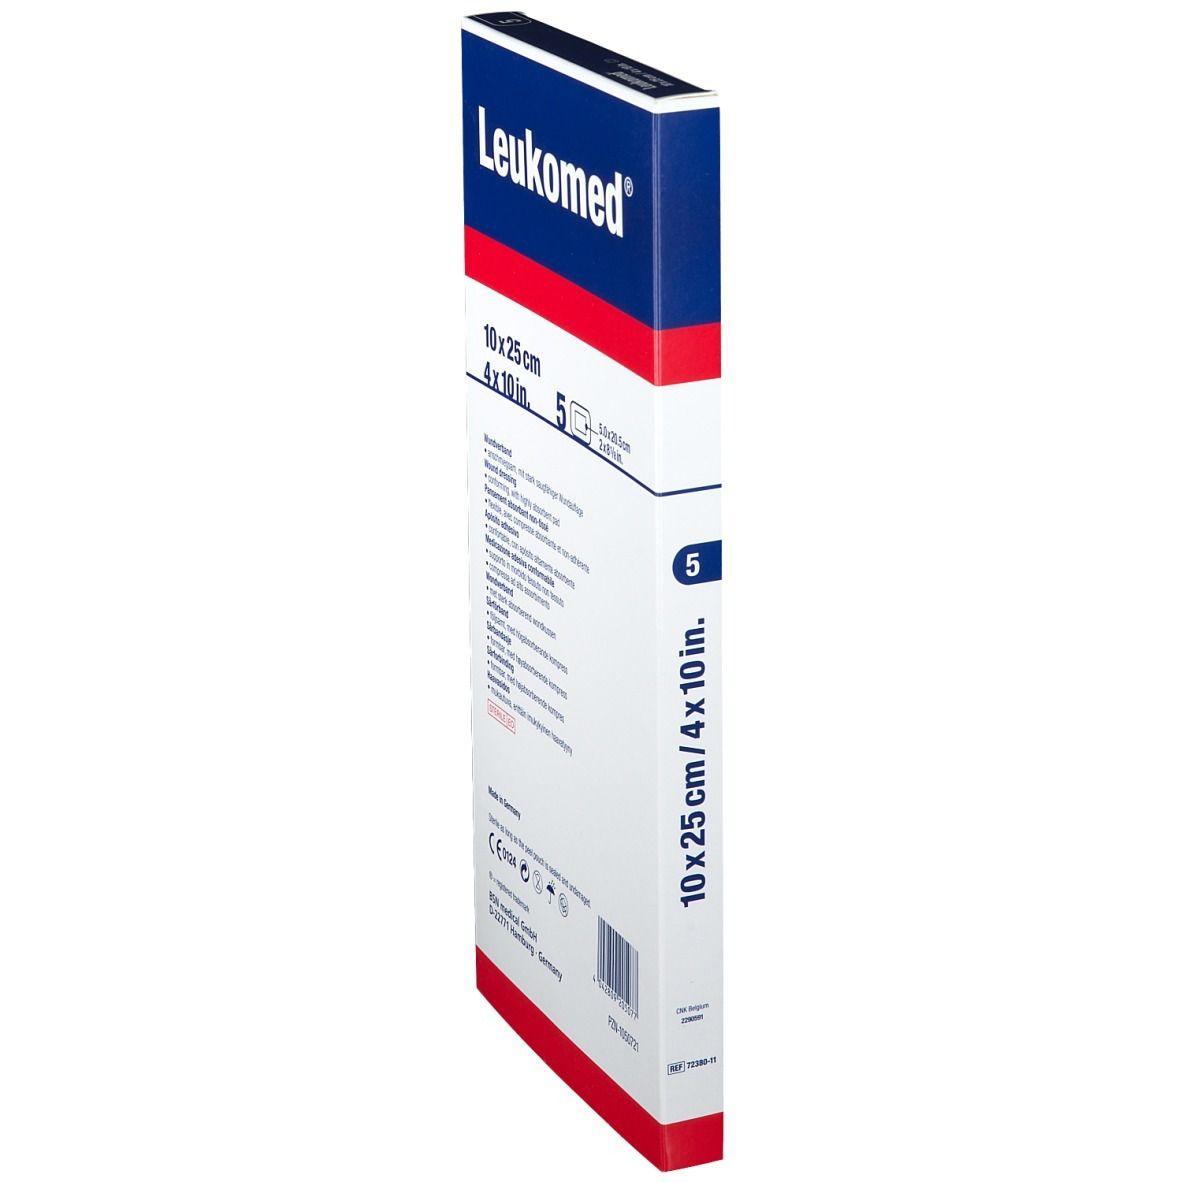 Leukomed® 10 cm x 25 cm steril